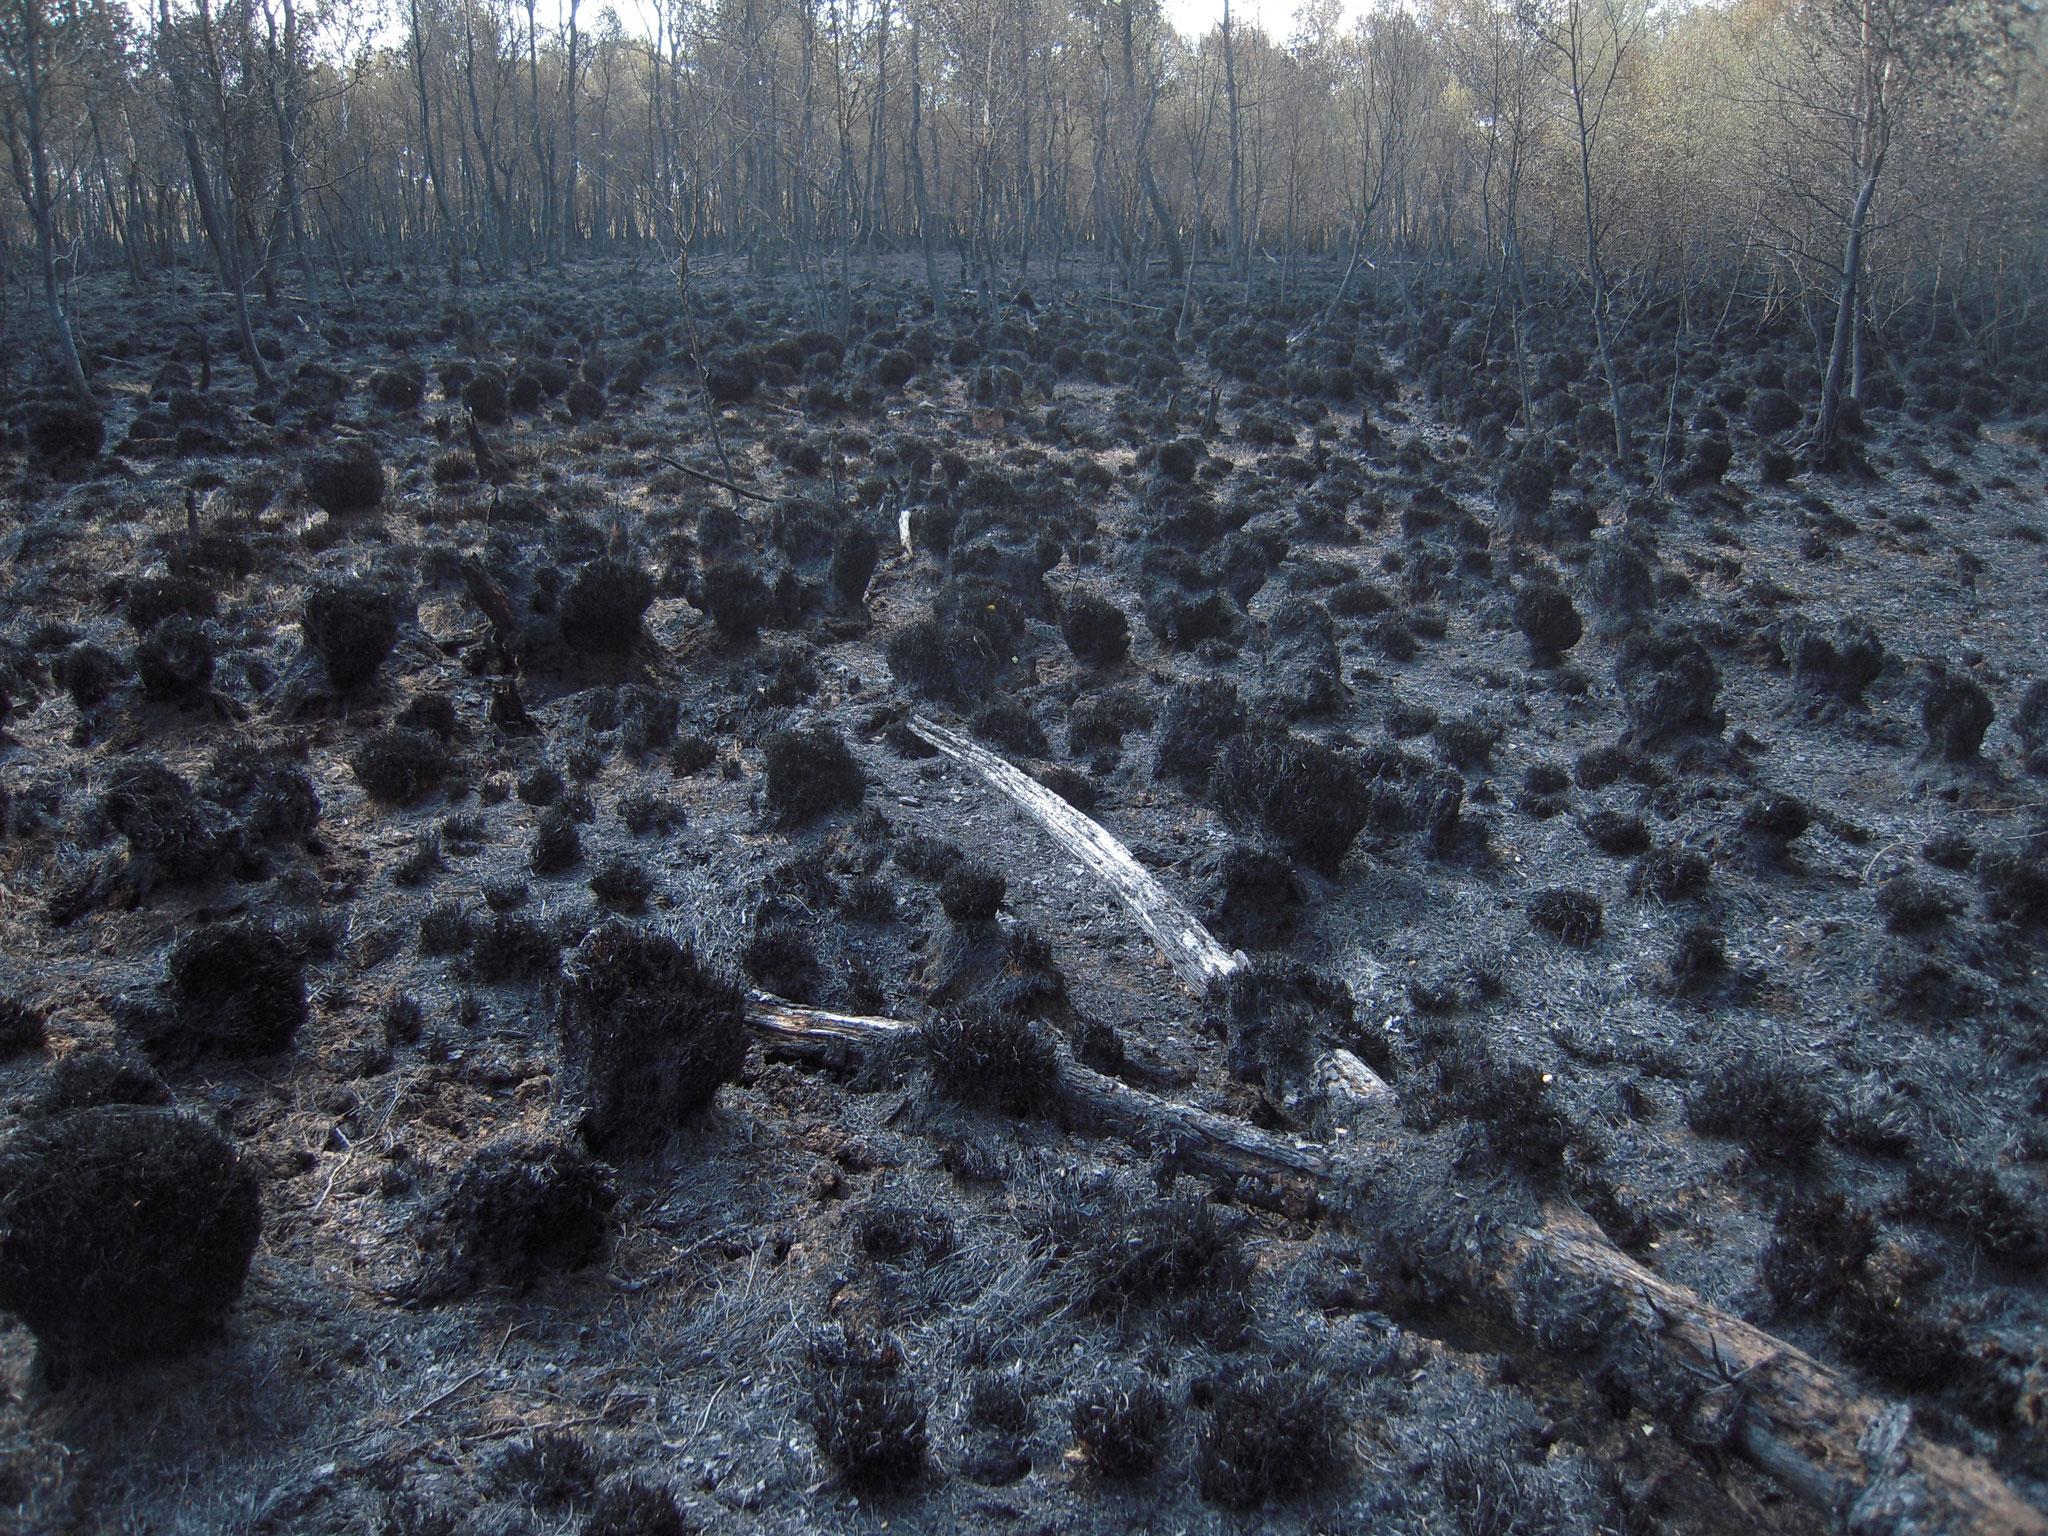 Moorbrände traten wiederholt in den durch Entwässerung trockenen Moorbereichen auf, zuletzt 2011.